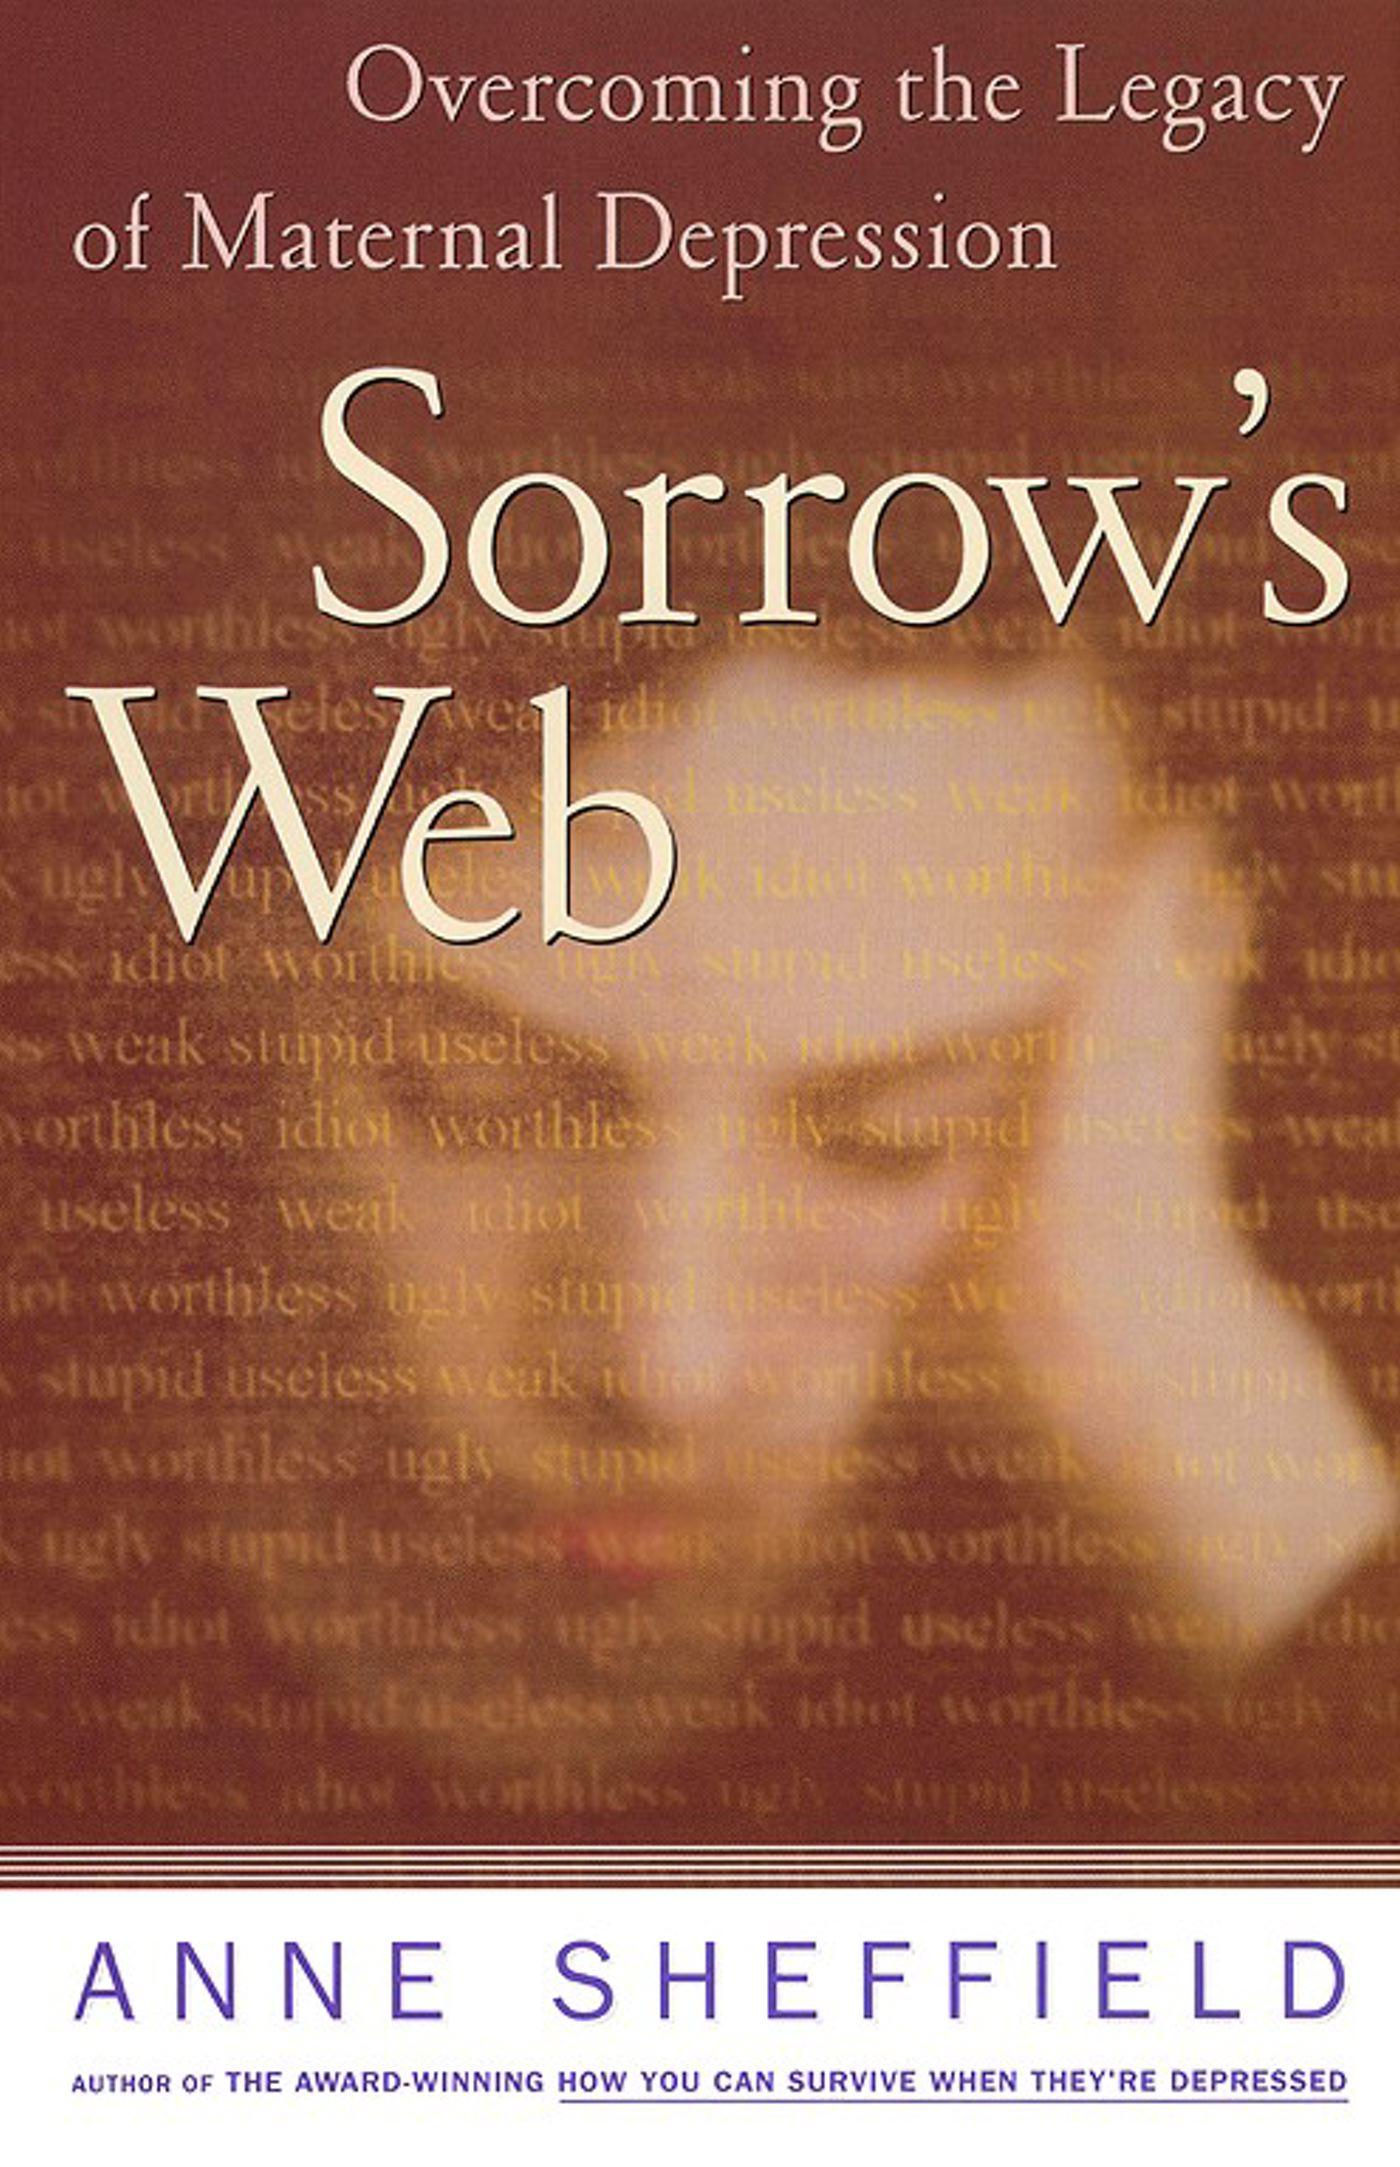 Sorrows web ebook by anne sheffield official publisher page cvr9780743213189 9780743213189 hr fandeluxe Gallery